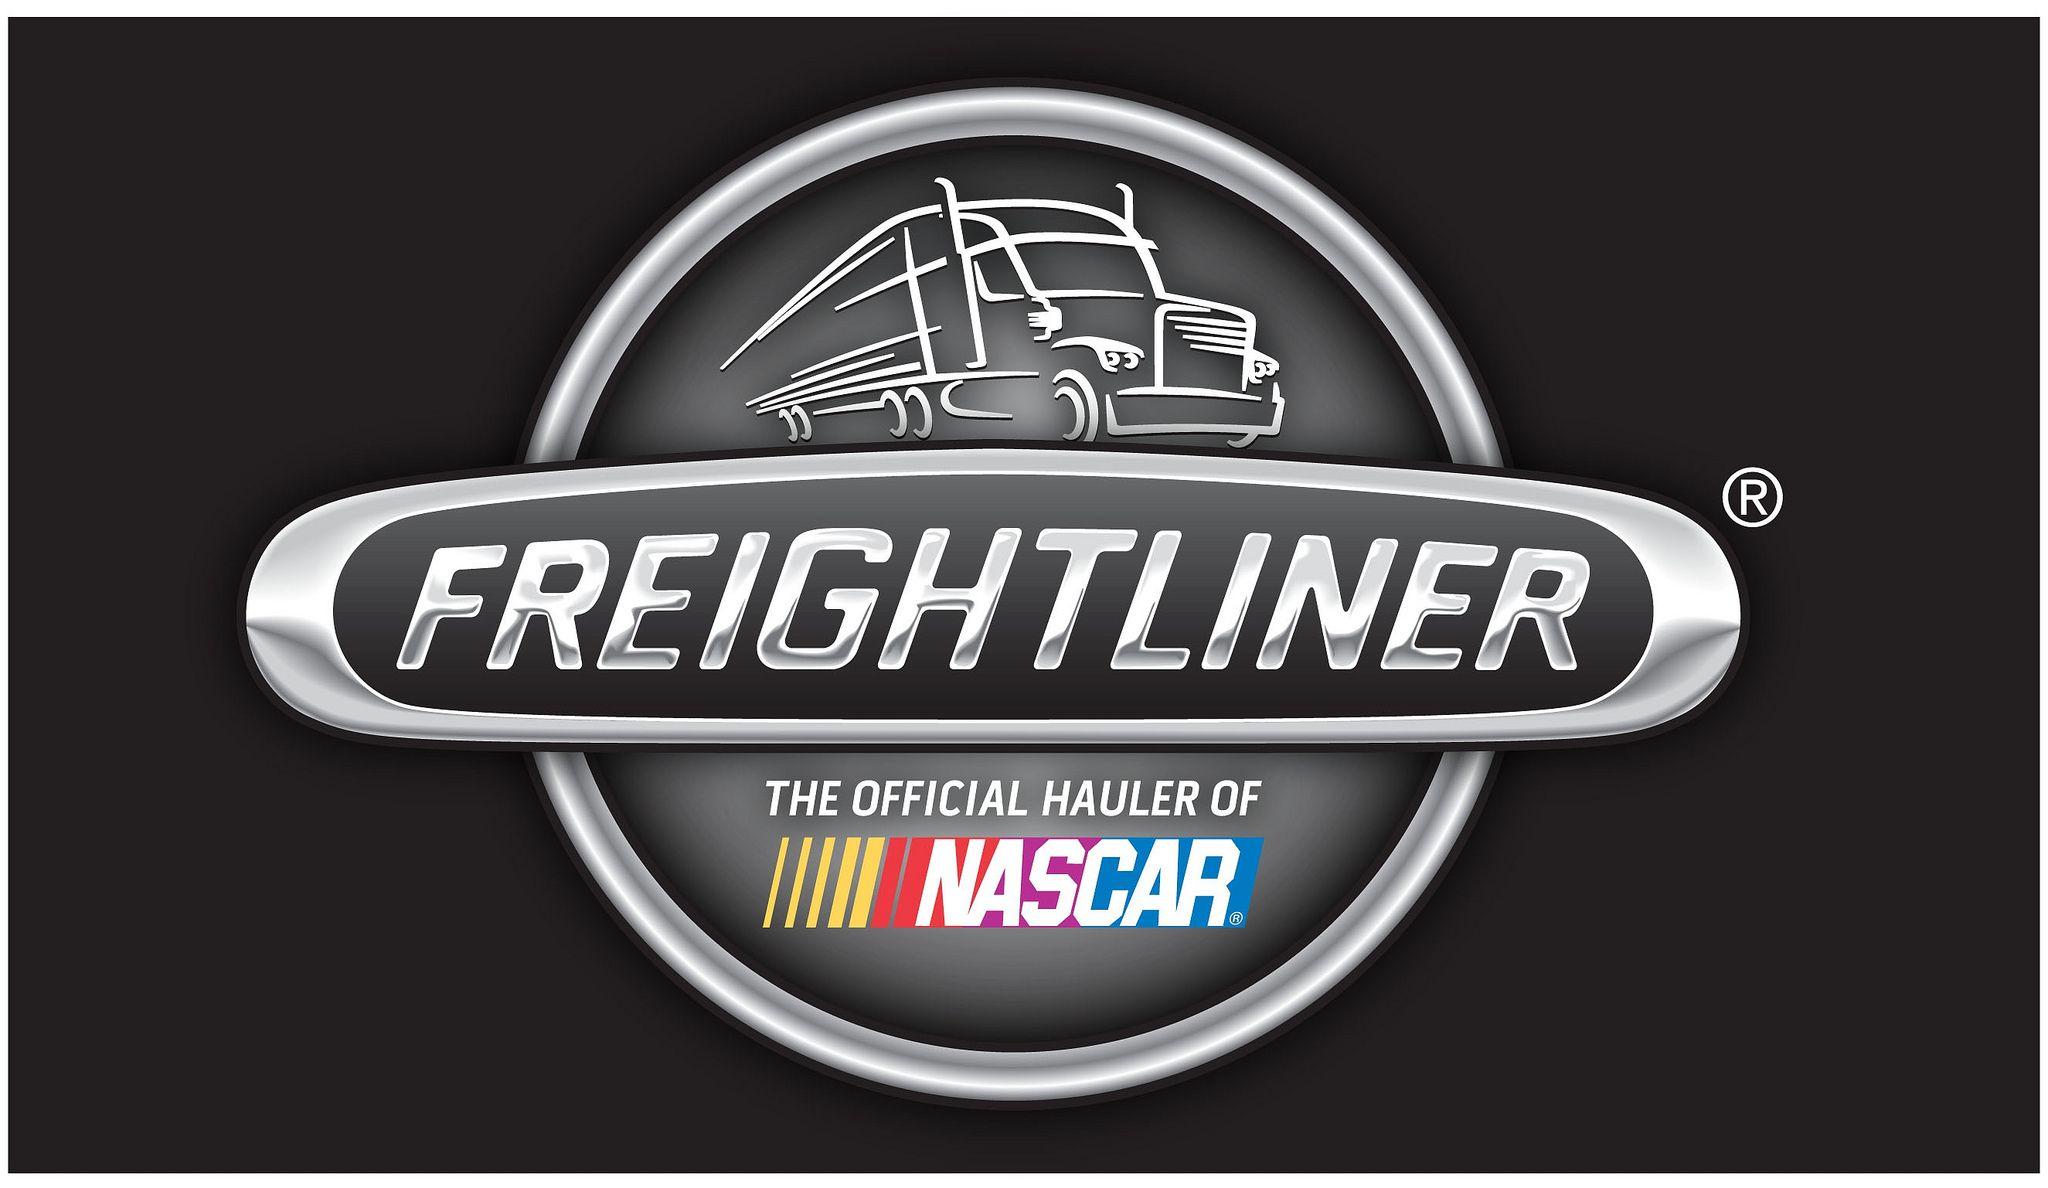 2013 Freighltliner Trucks Freightliner, Nascar, Trucks